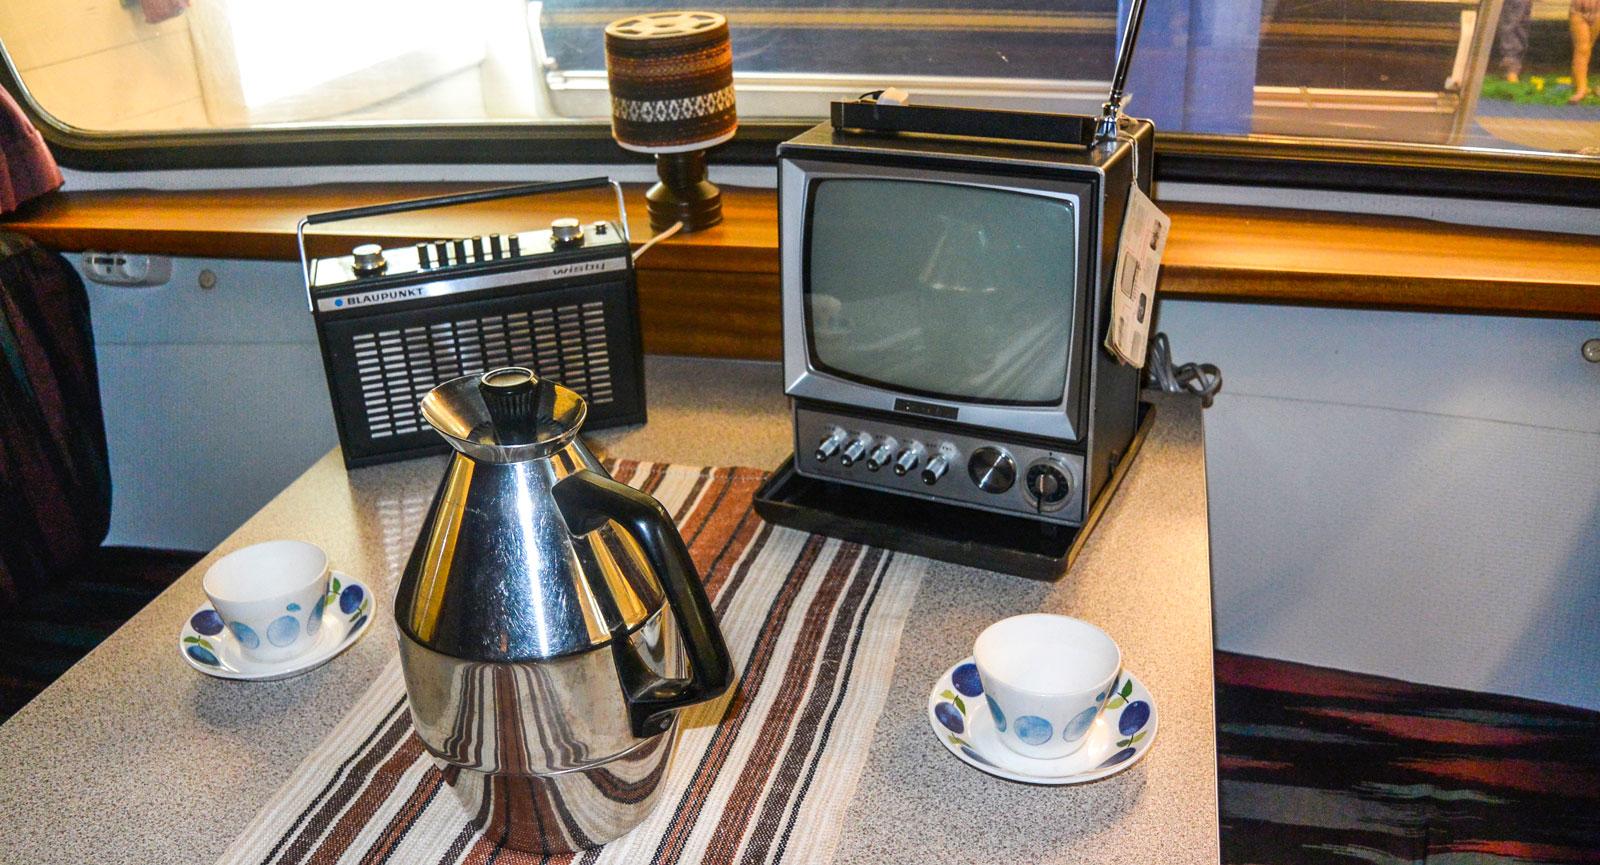 Kaffe, radio och tv räckte gott innan smarta telefoner tog över.